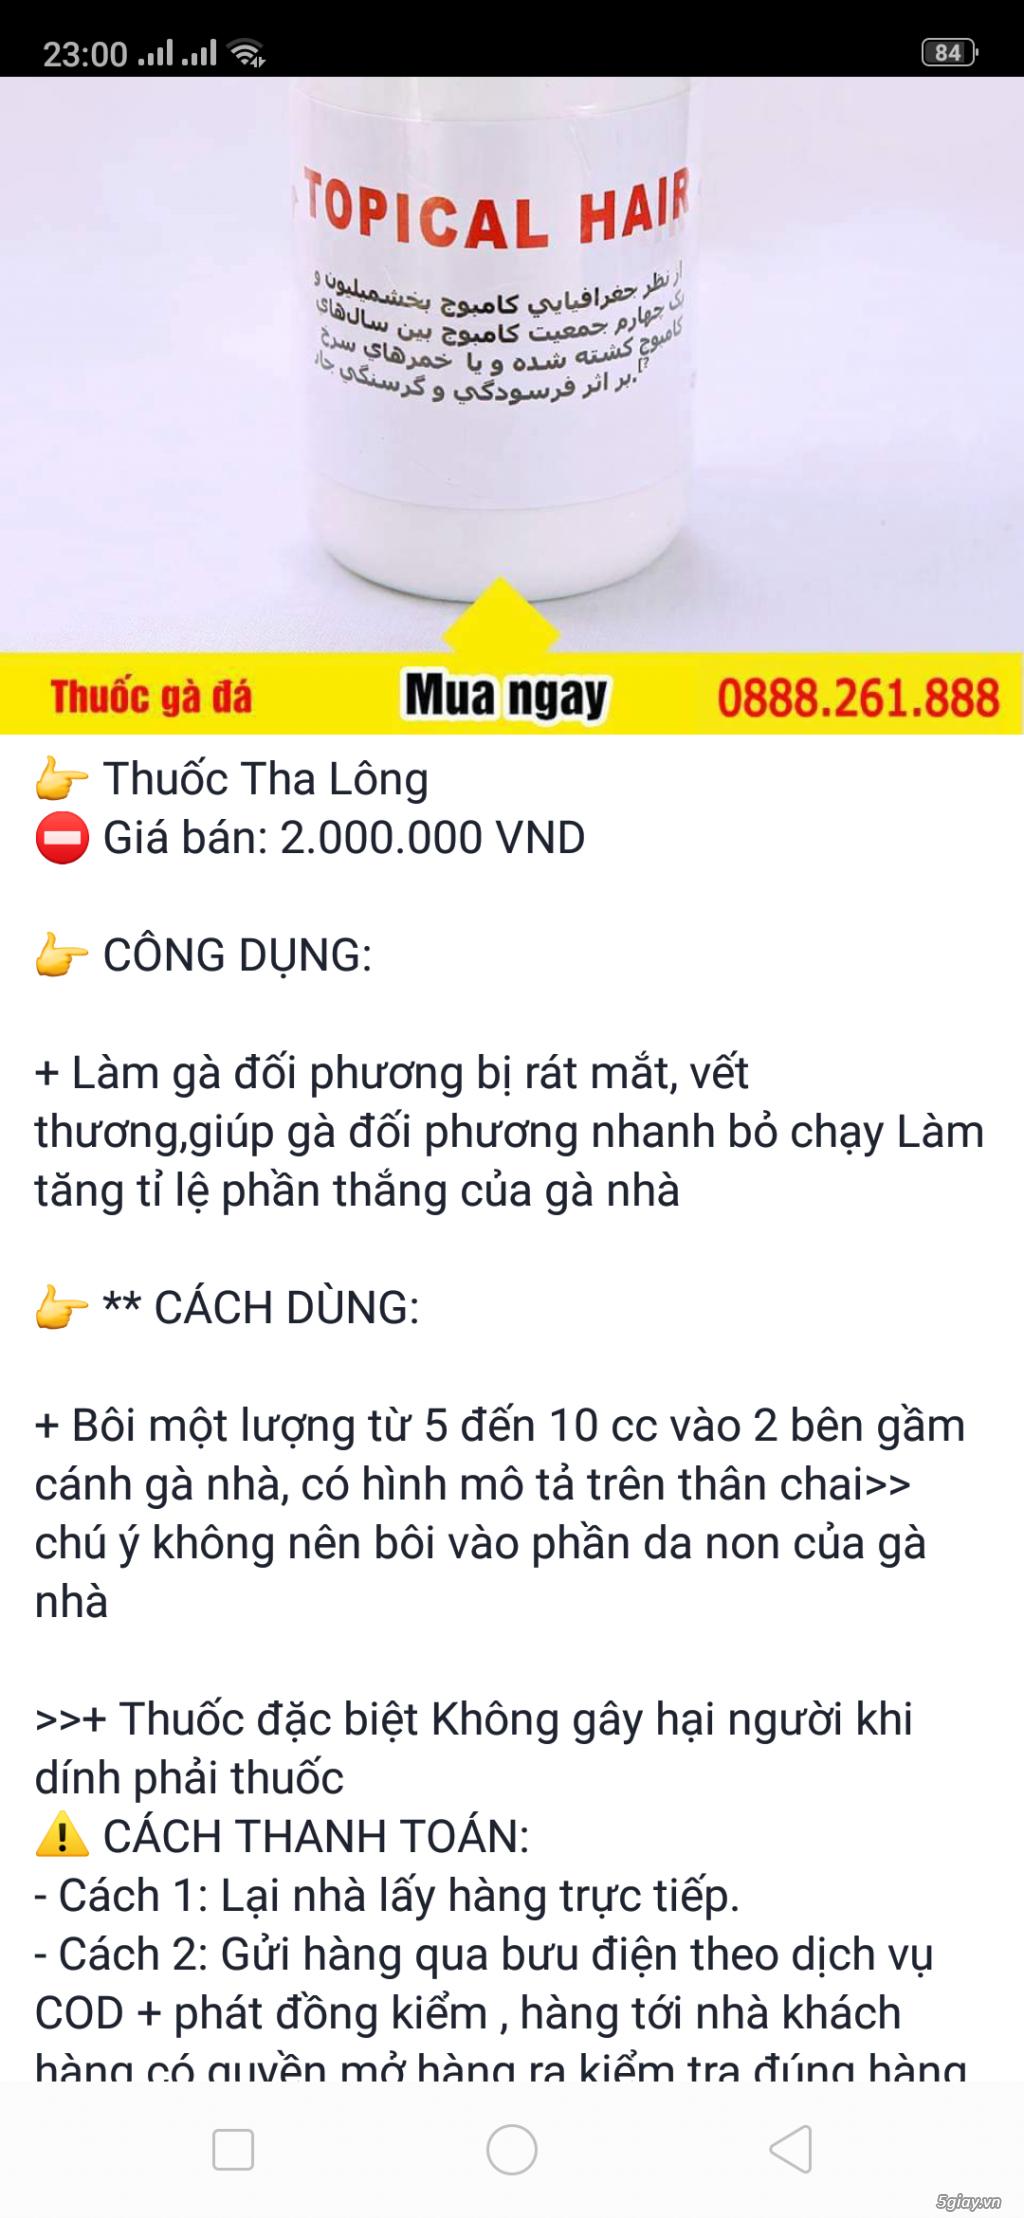 Cung cấp thuốc thoa cựa gà -tha long-băng keo 089 967 8811 Zalo Zalo